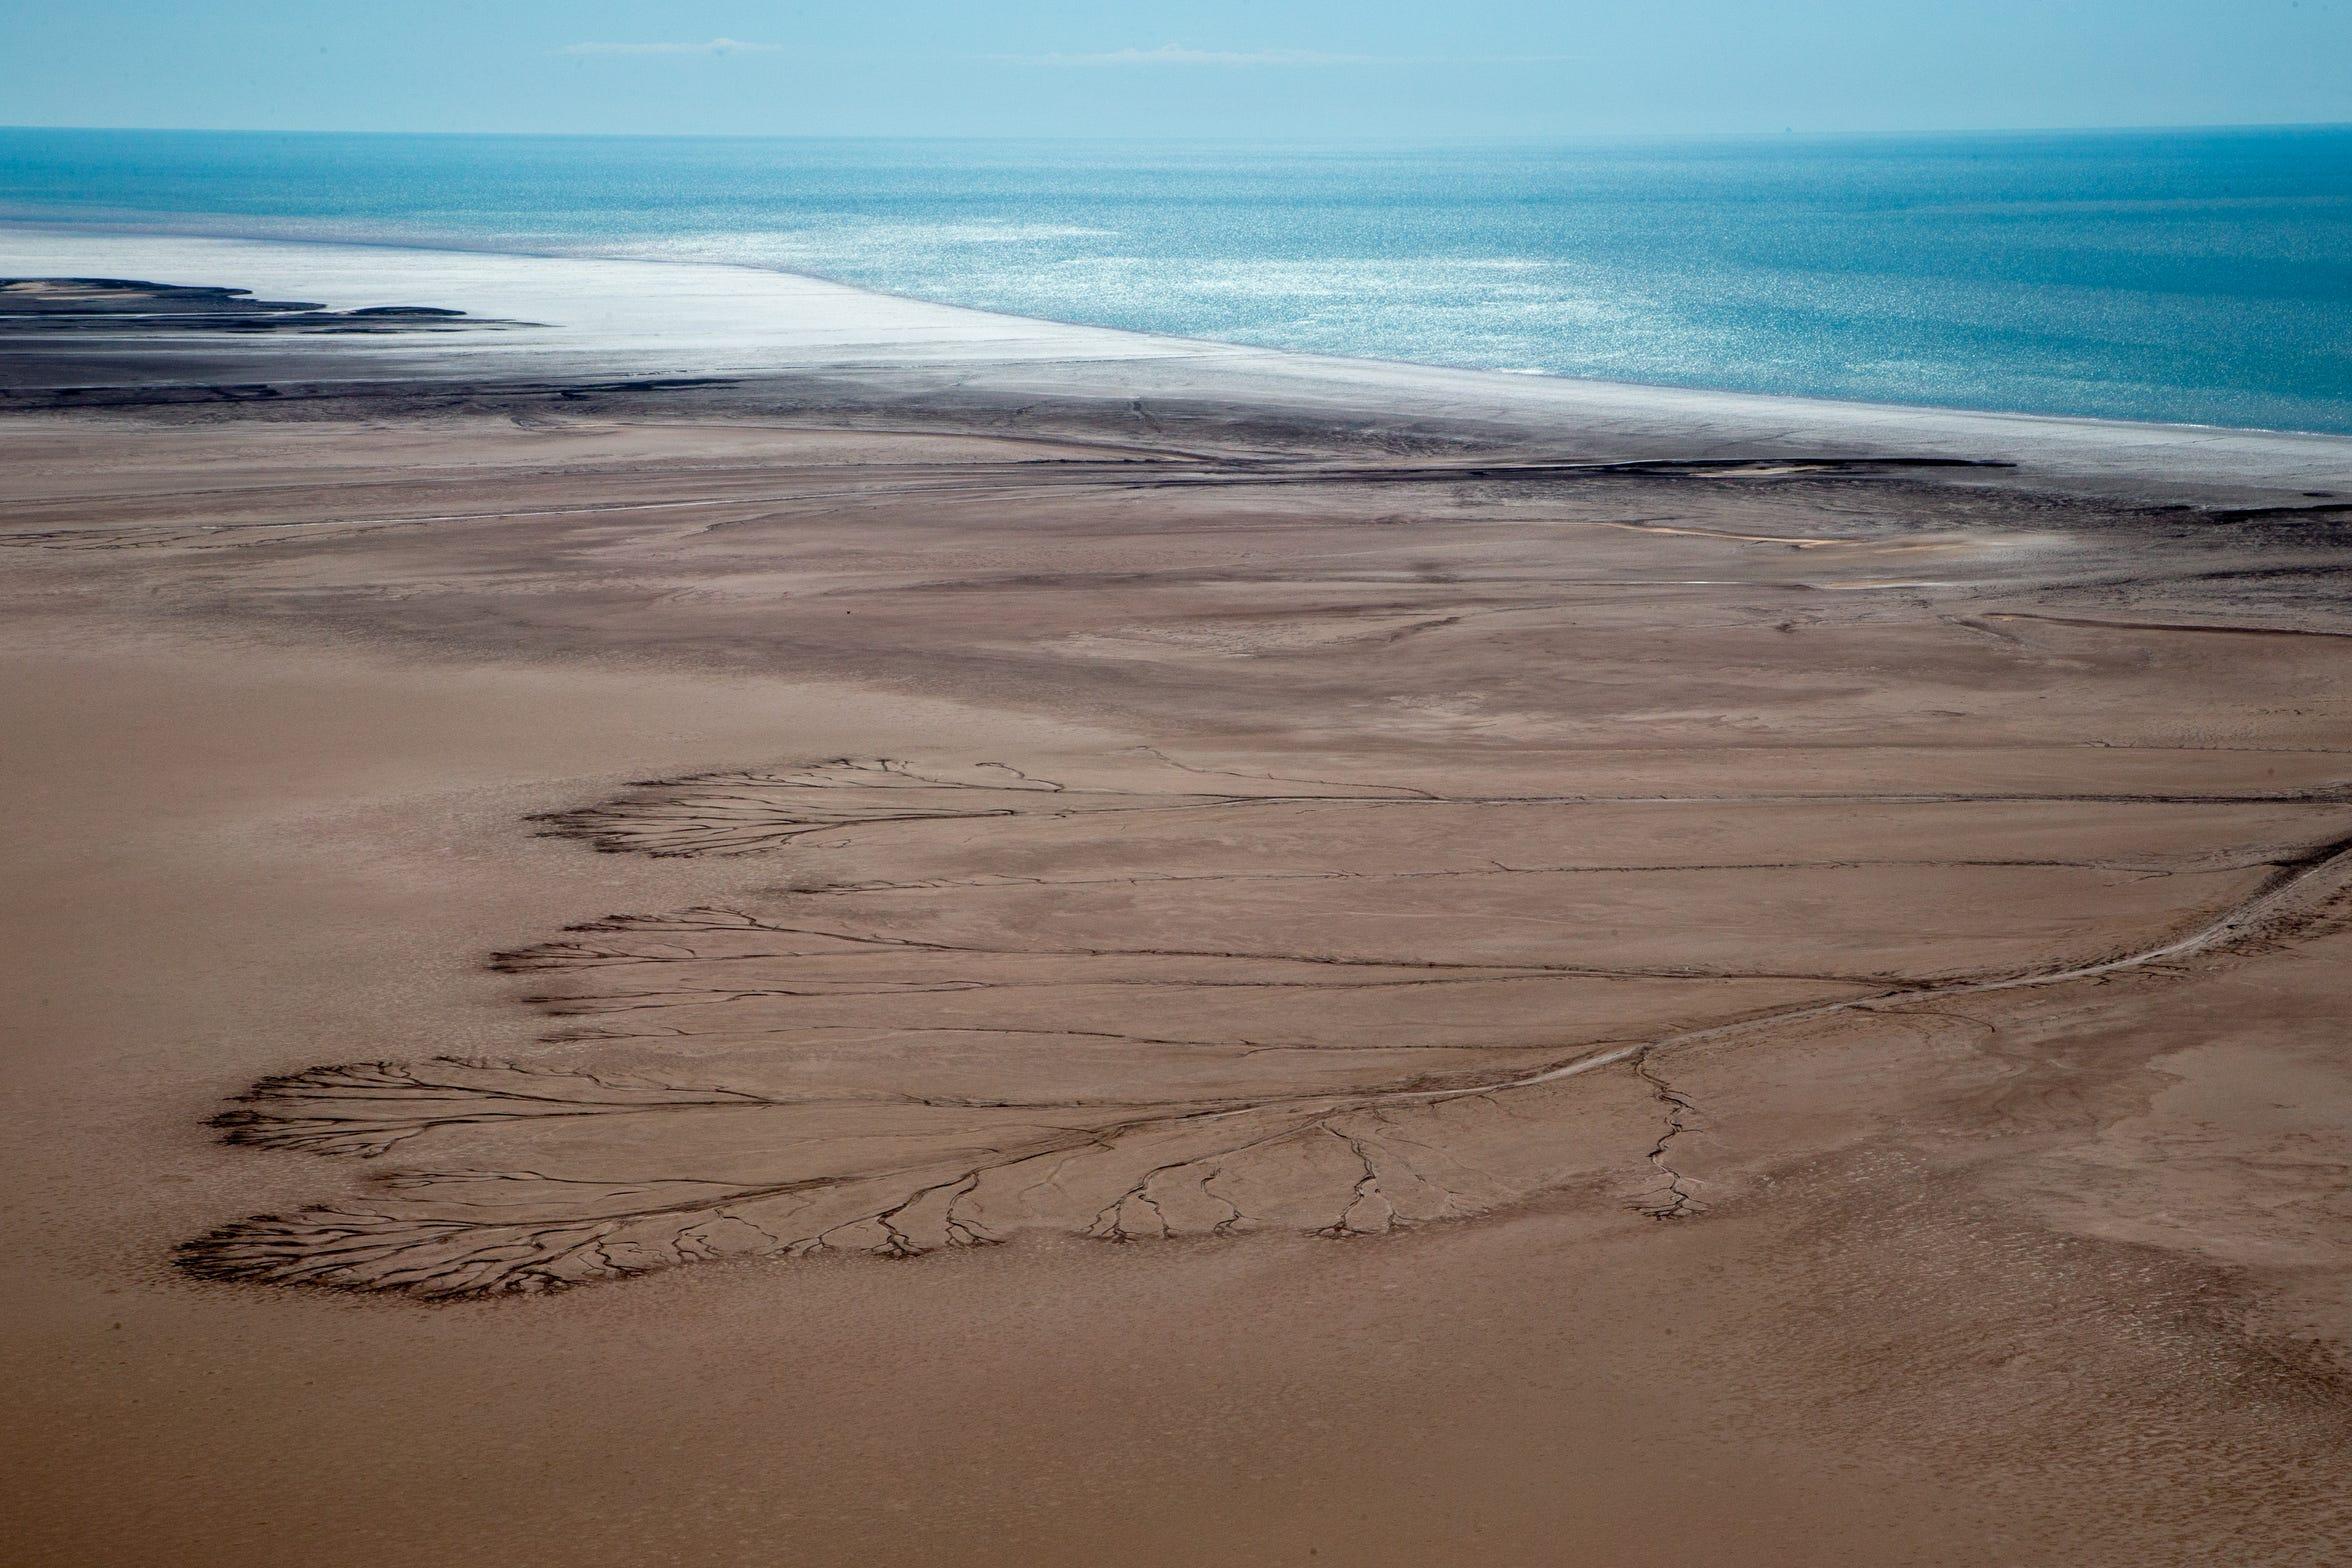 Isla Montague se encuentra en la desembocadura del río Colorado, donde el delta se encuentra con el Golfo de California en México.